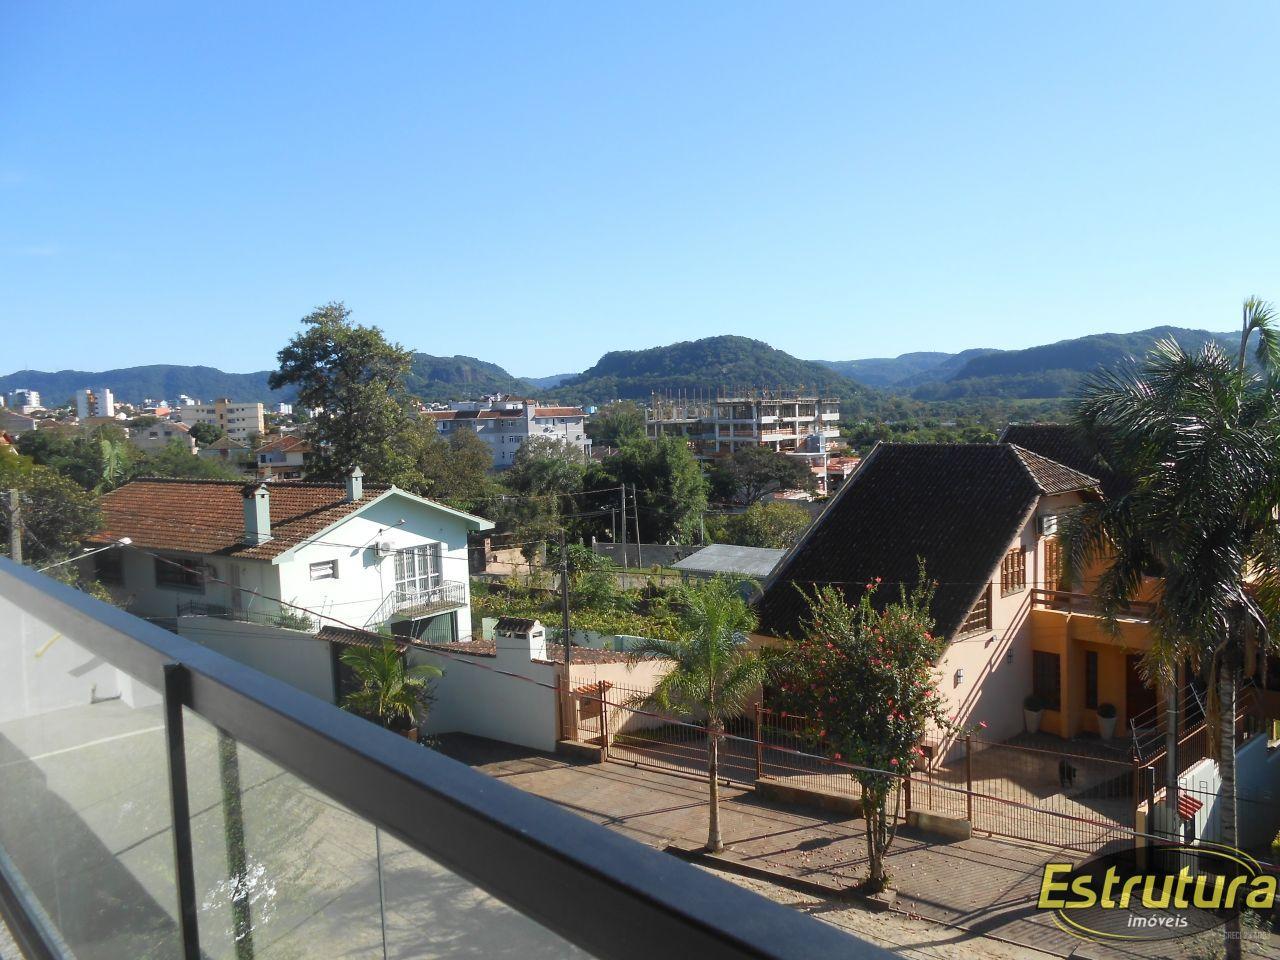 Apartamento com 3 Dormitórios à venda, 192 m² por R$ 900.000,00